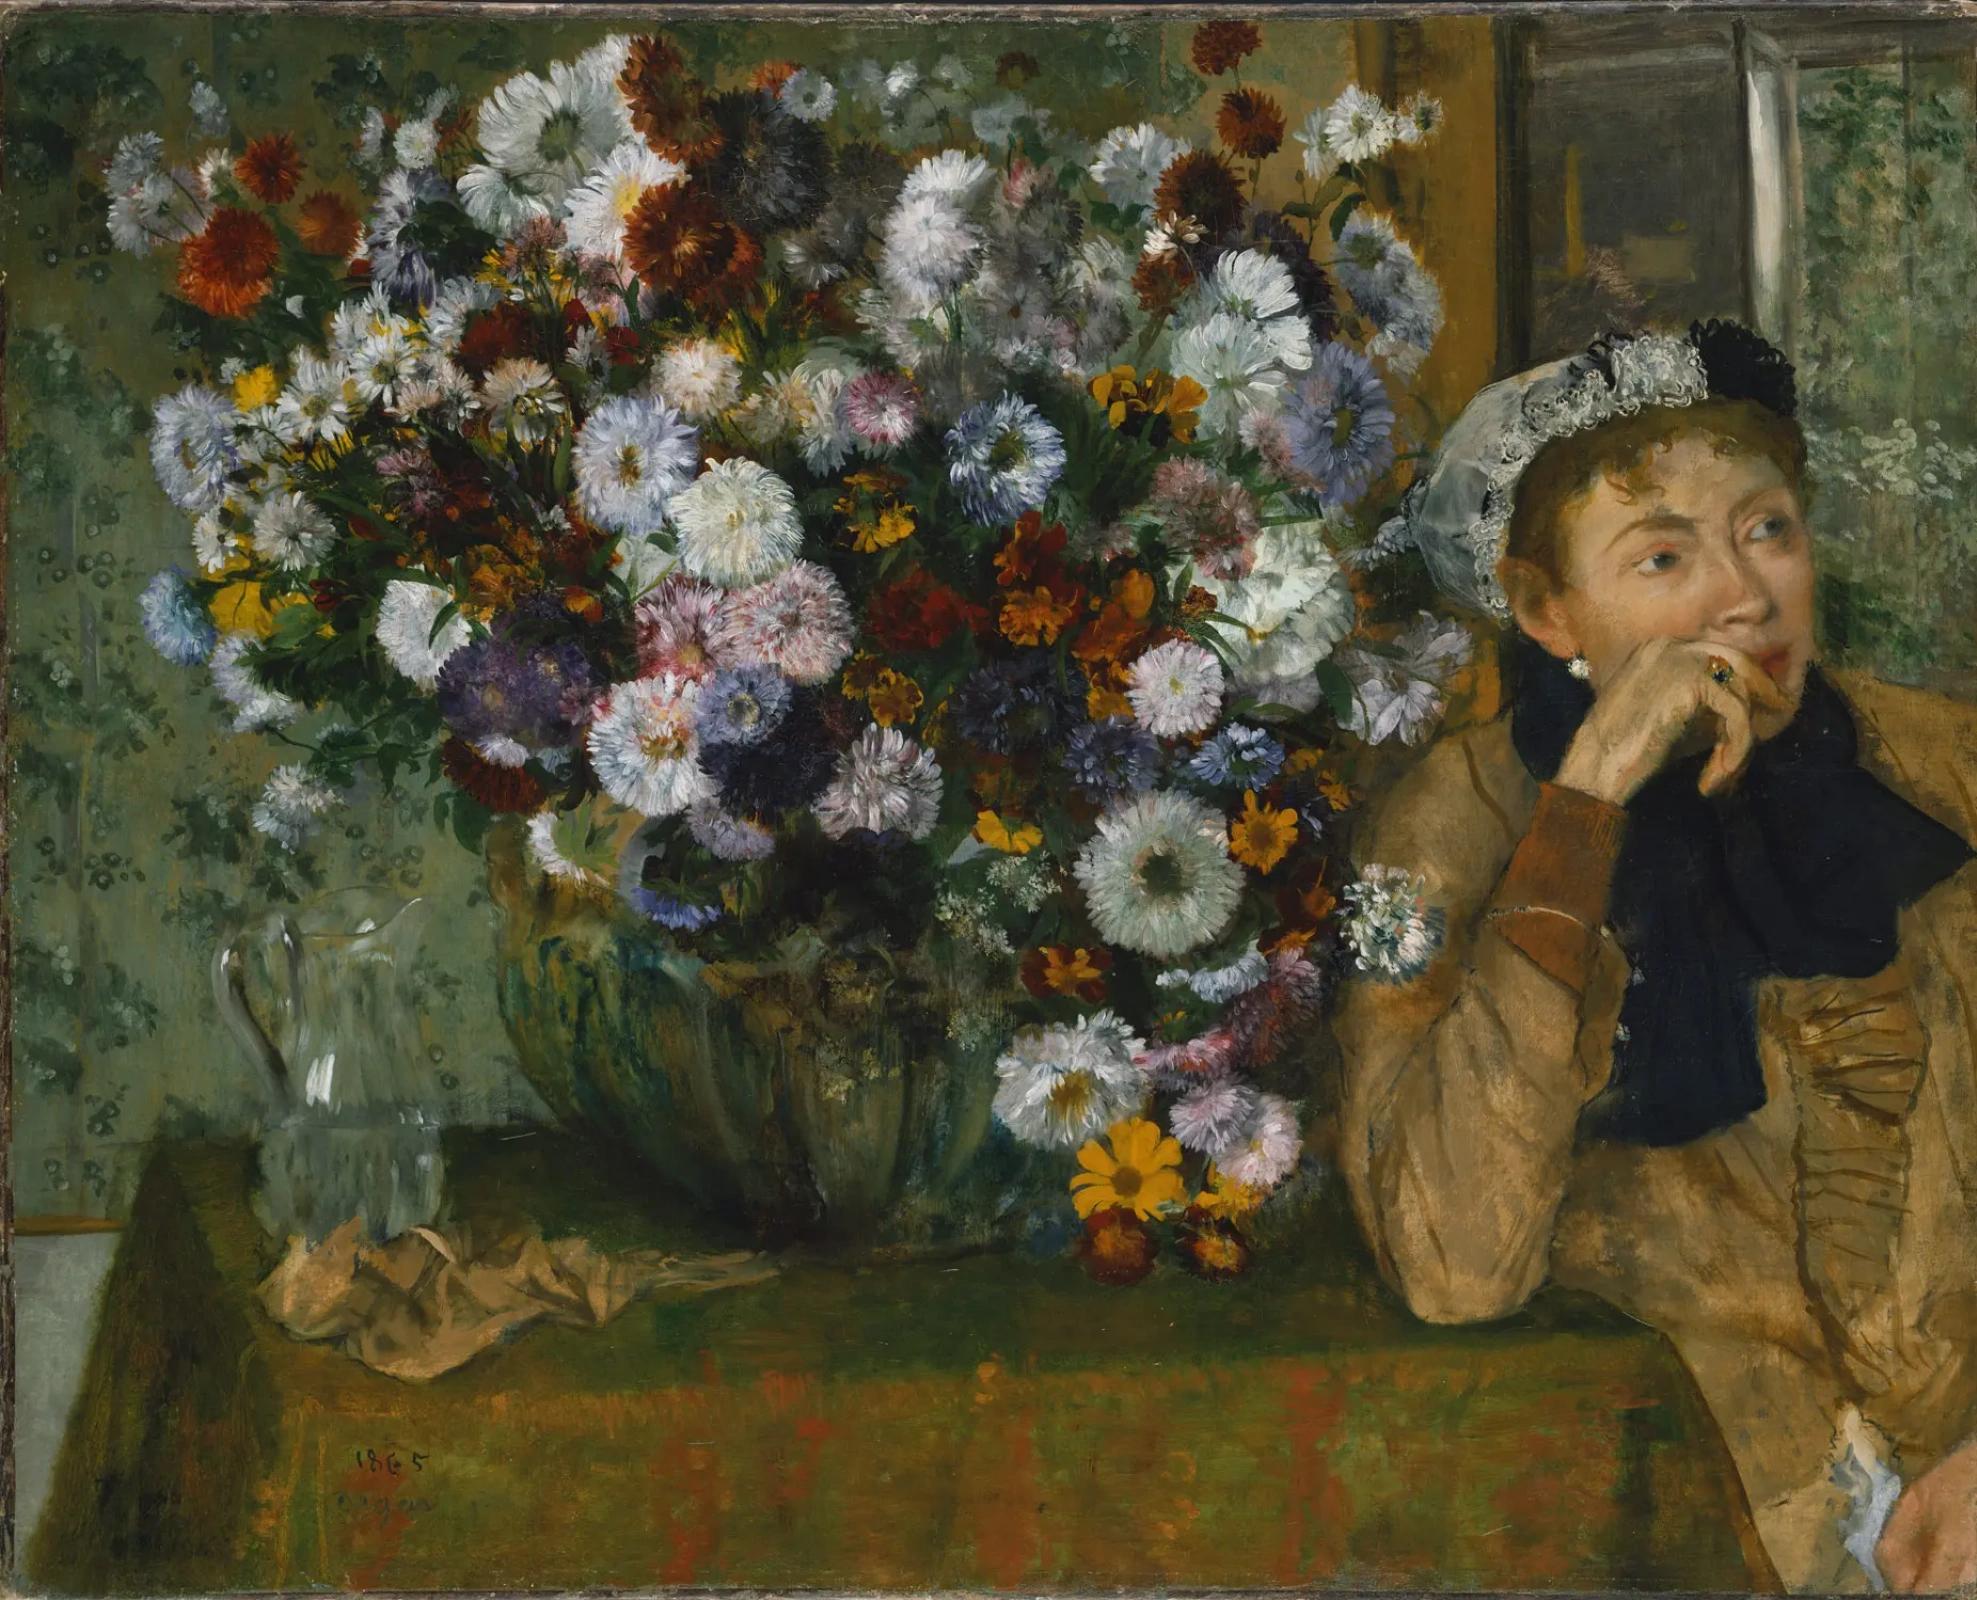 Эдгар Дега «Женщина, сидящая у вазы с цветами (Женщина с хризантемами)», 1865